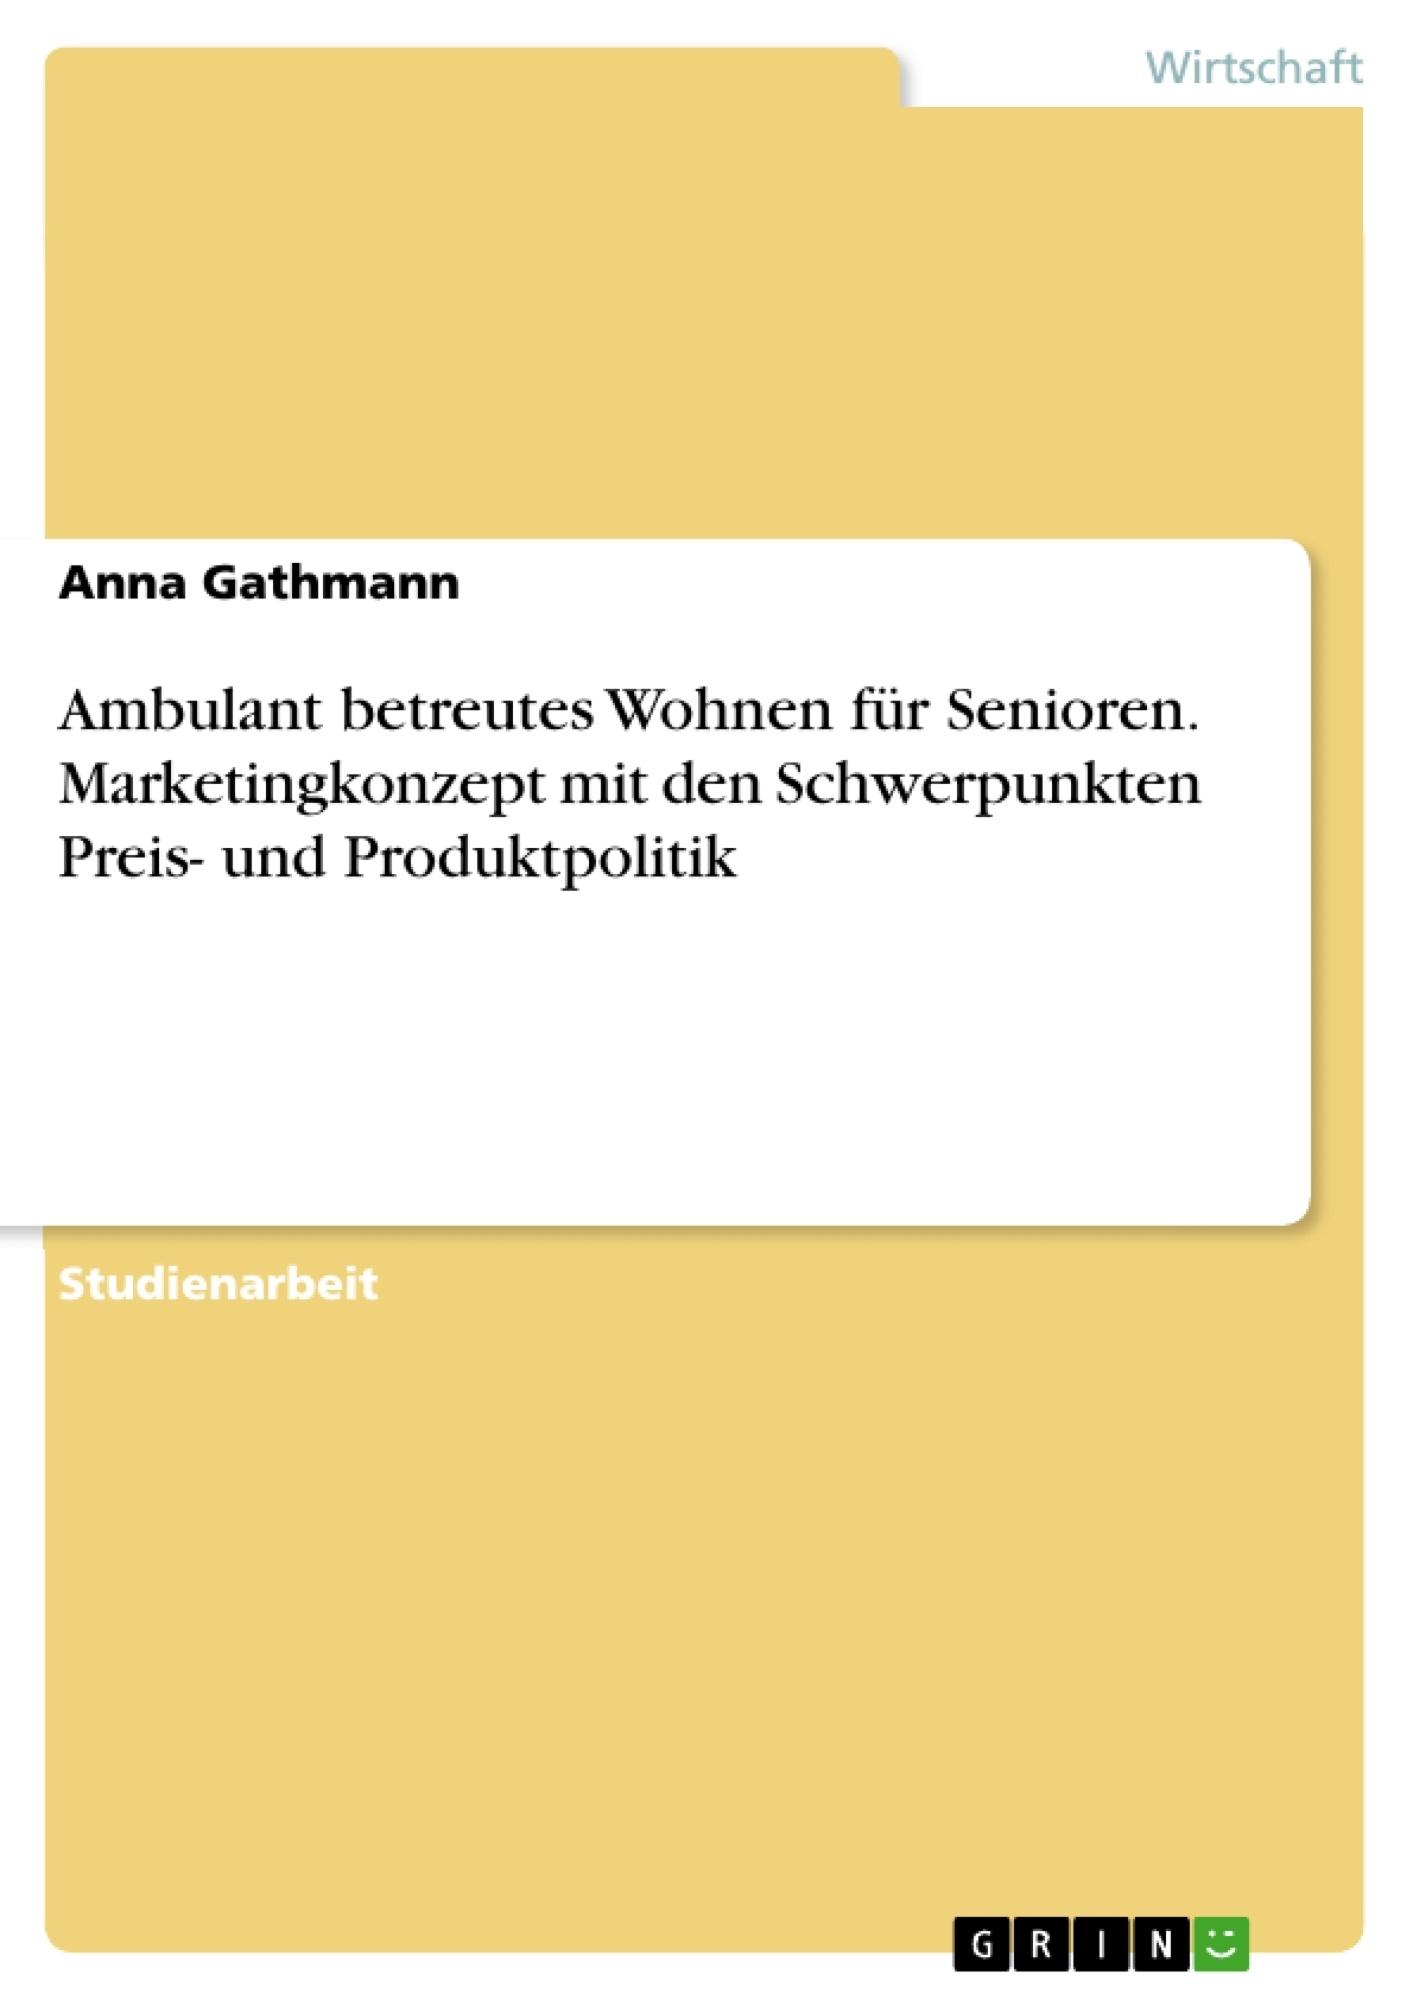 Titel: Ambulant betreutes Wohnen für Senioren. Marketingkonzept mit den Schwerpunkten Preis- und Produktpolitik